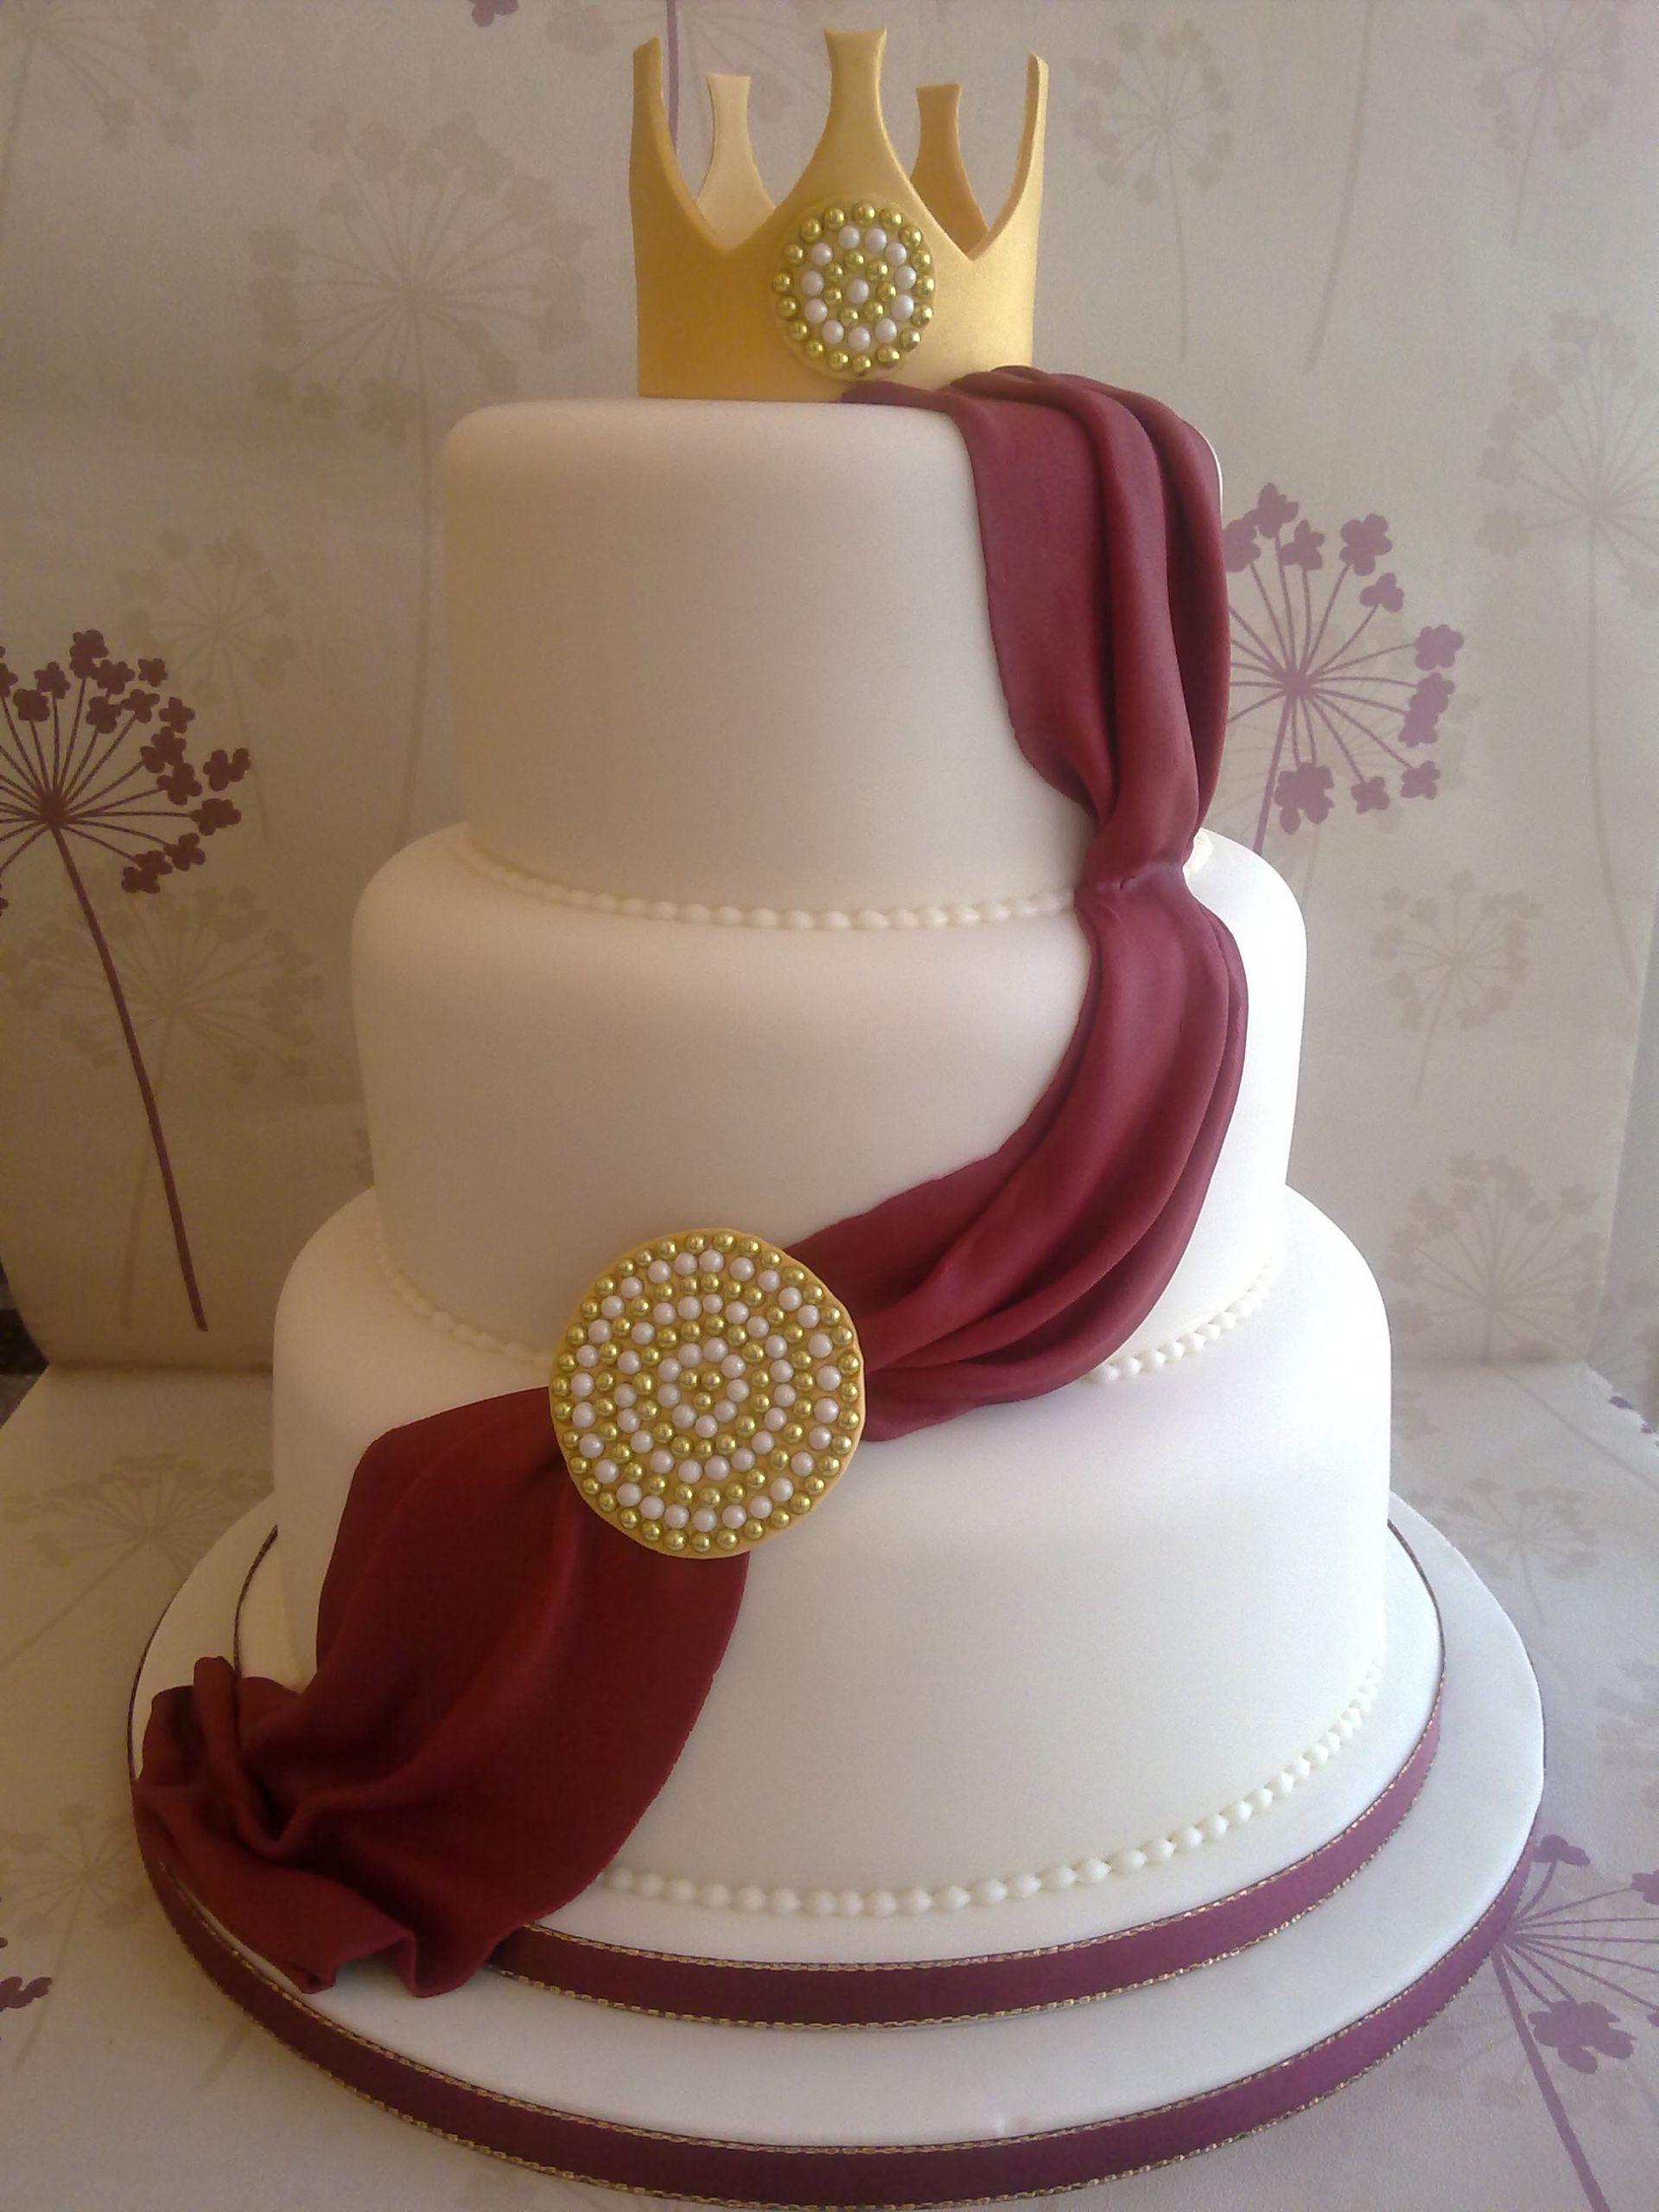 Ladies Birthday Cakes  La s Birthday Cakes